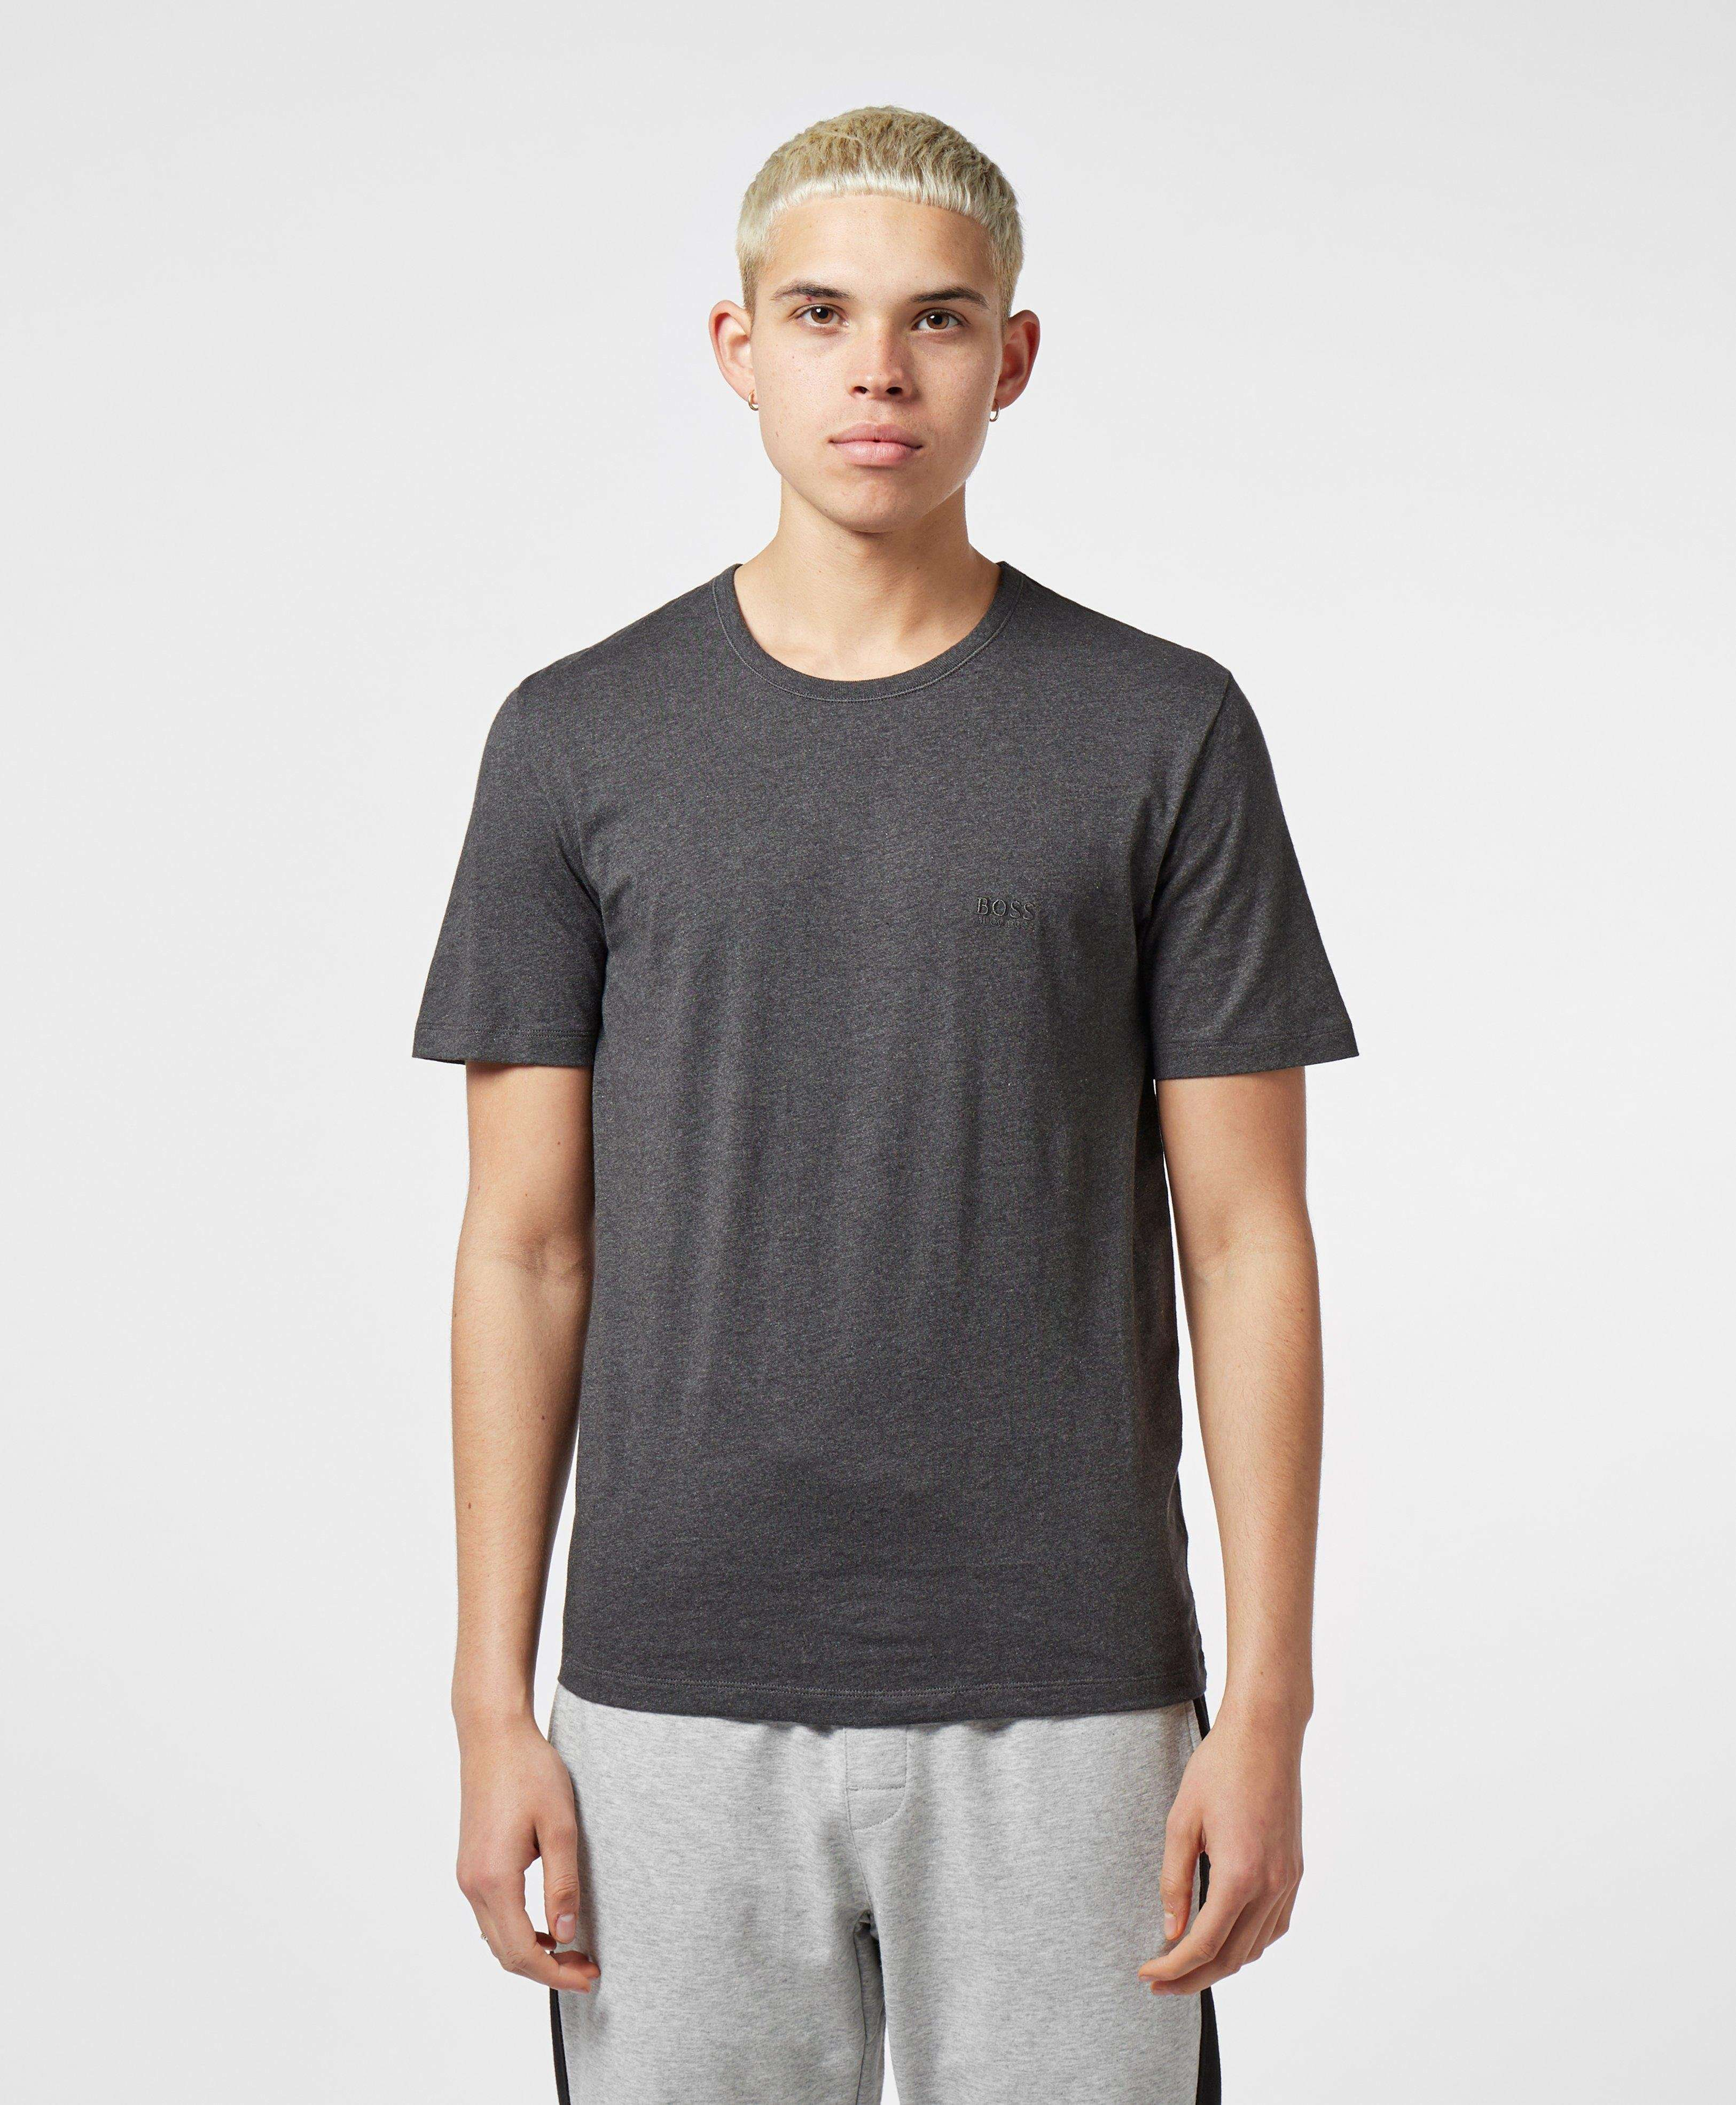 BOSS 3-Pack Short Sleeve T-Shirt